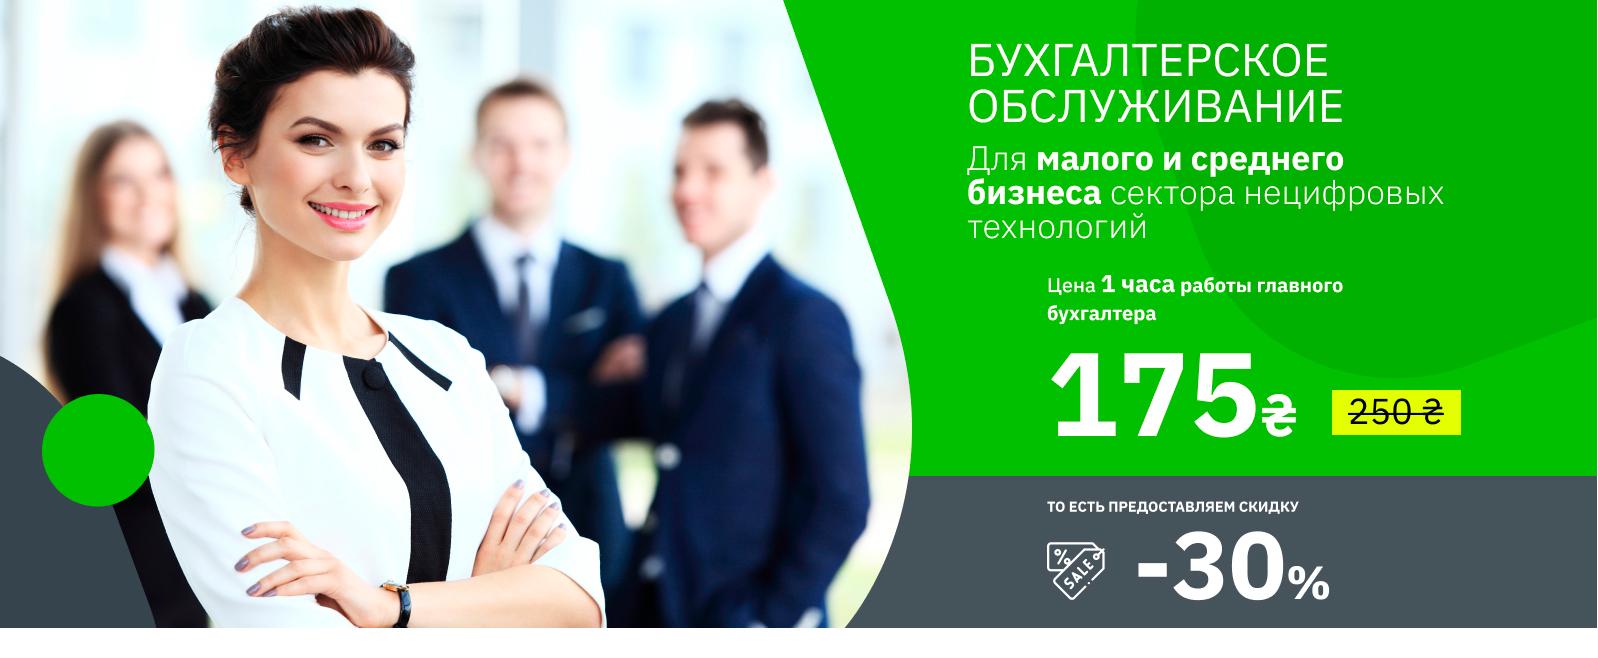 banner2_ru2